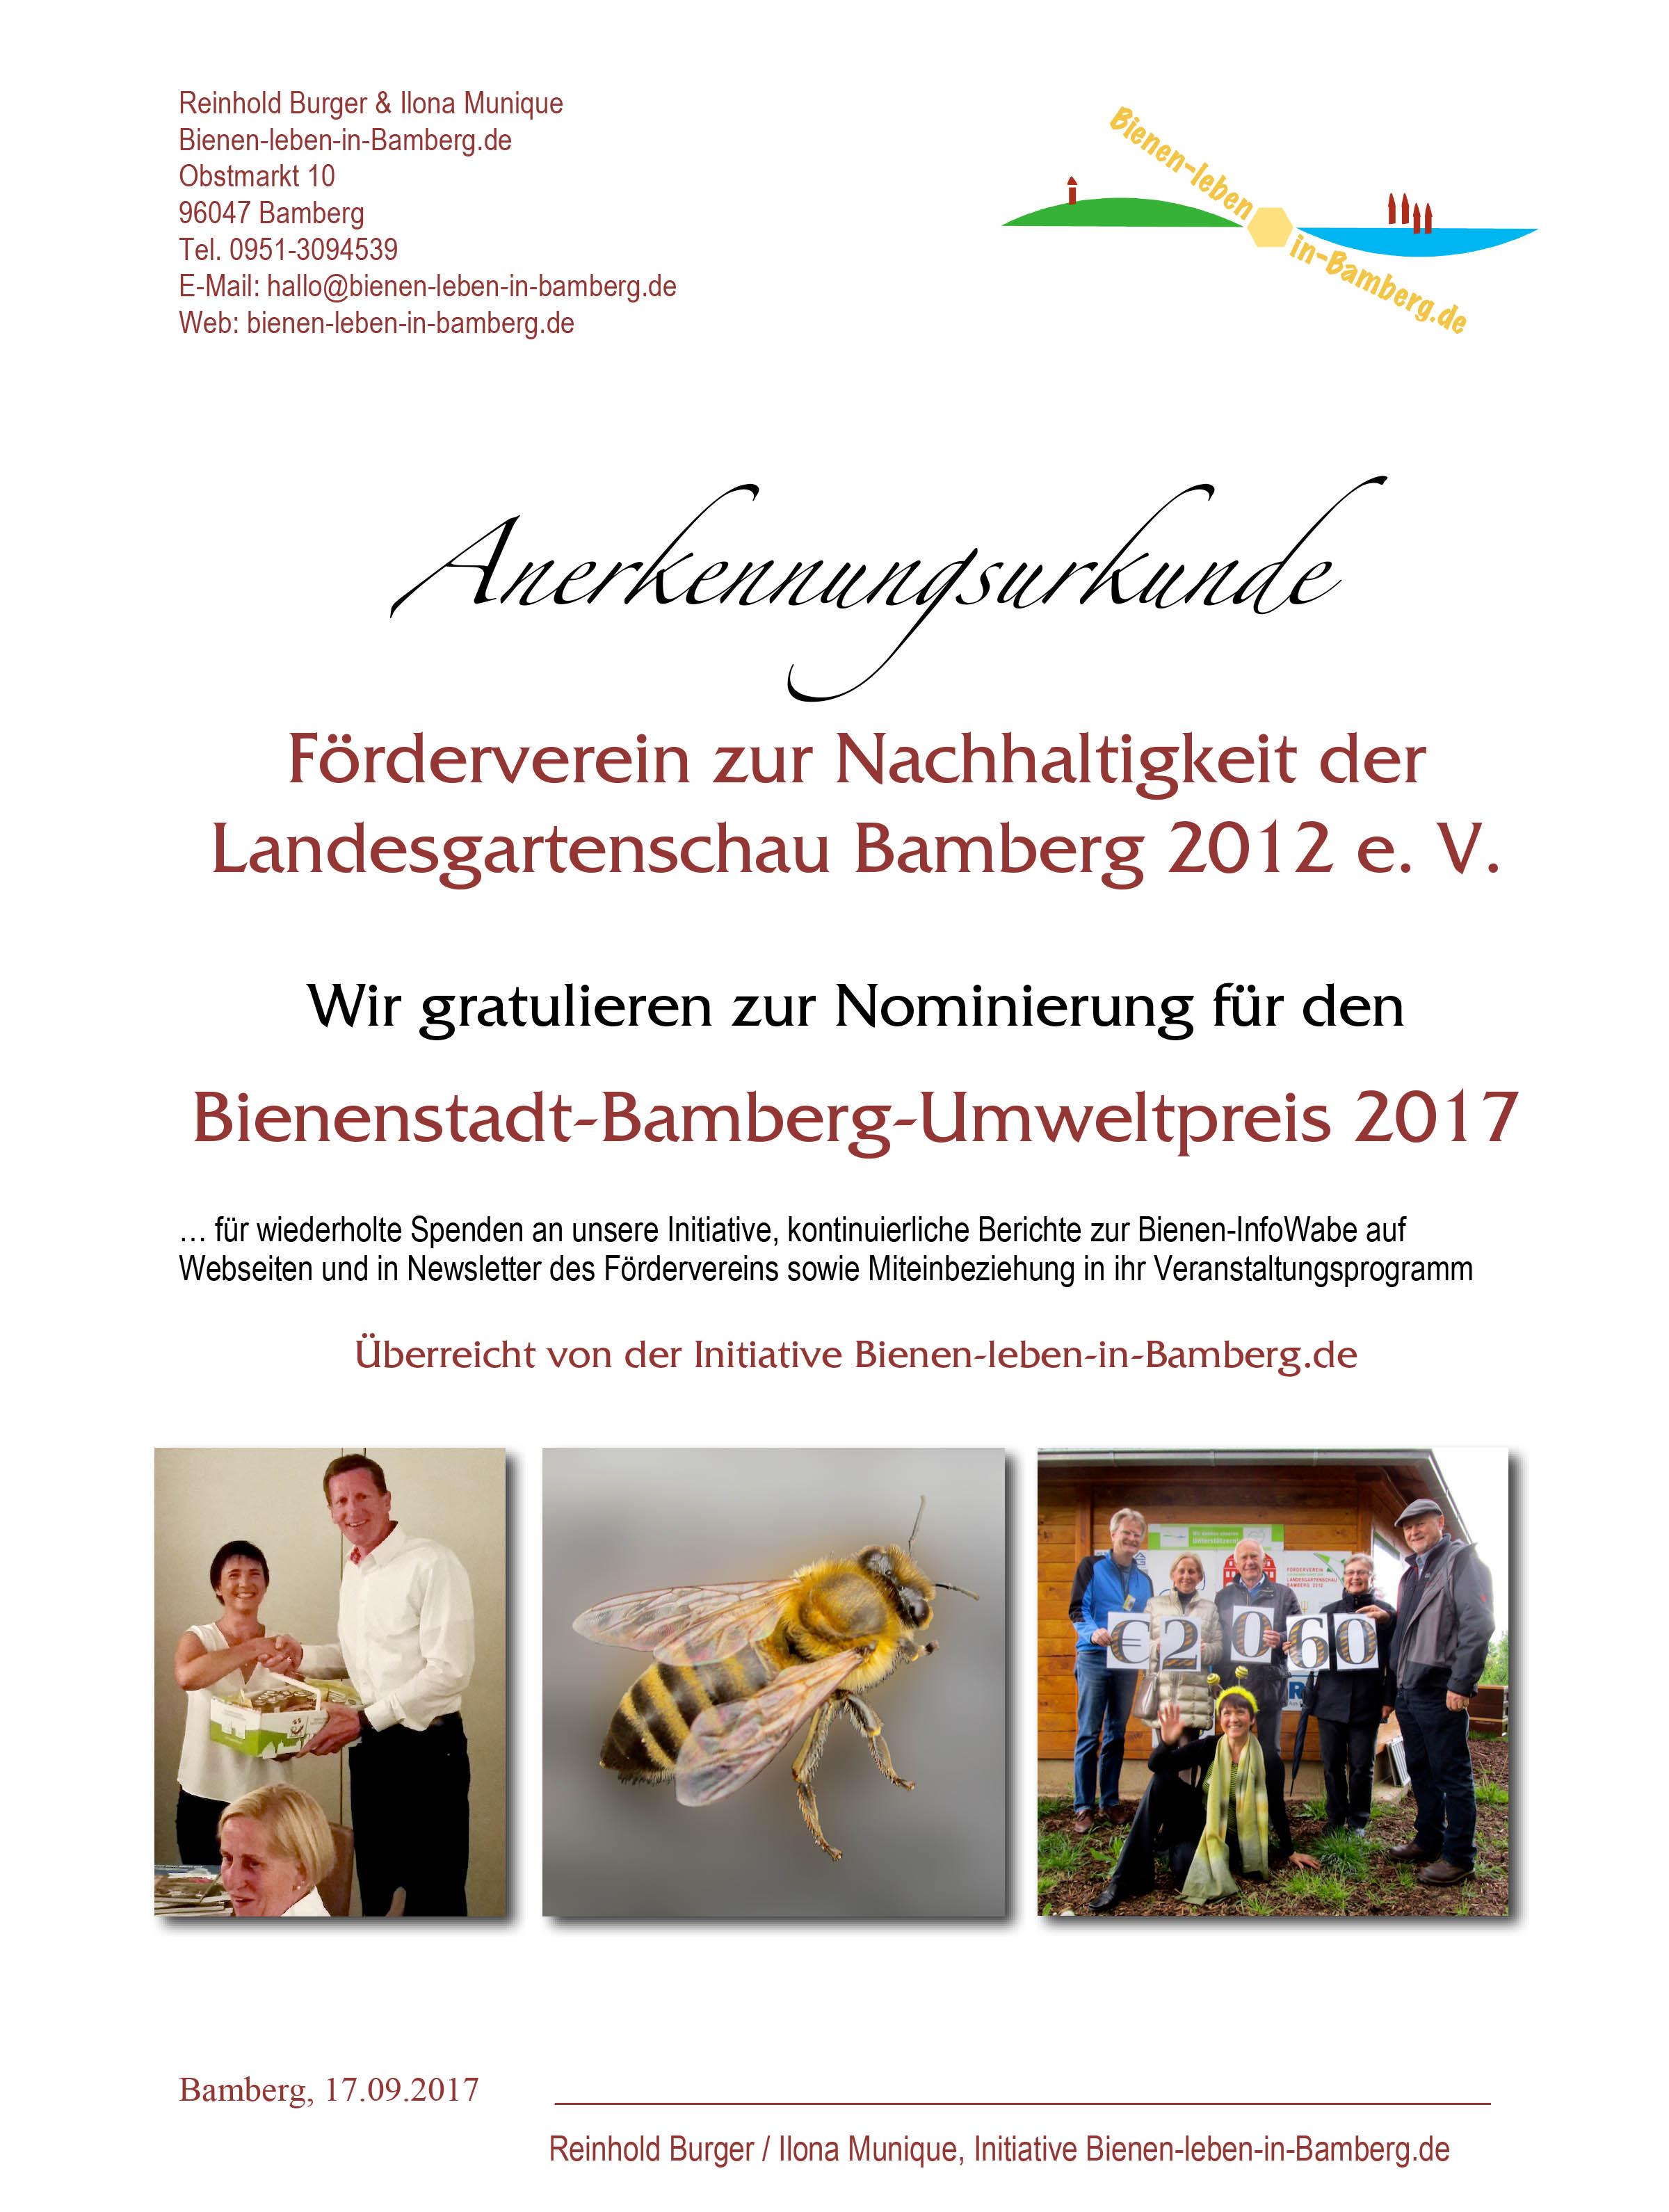 Anerkennungsurkunde für Förderverein zur Nachhaltigkeit der Landesgartenschau Bamberg 2012 e. V., Bienenstadt-Bamberg-Umweltpreis 2017